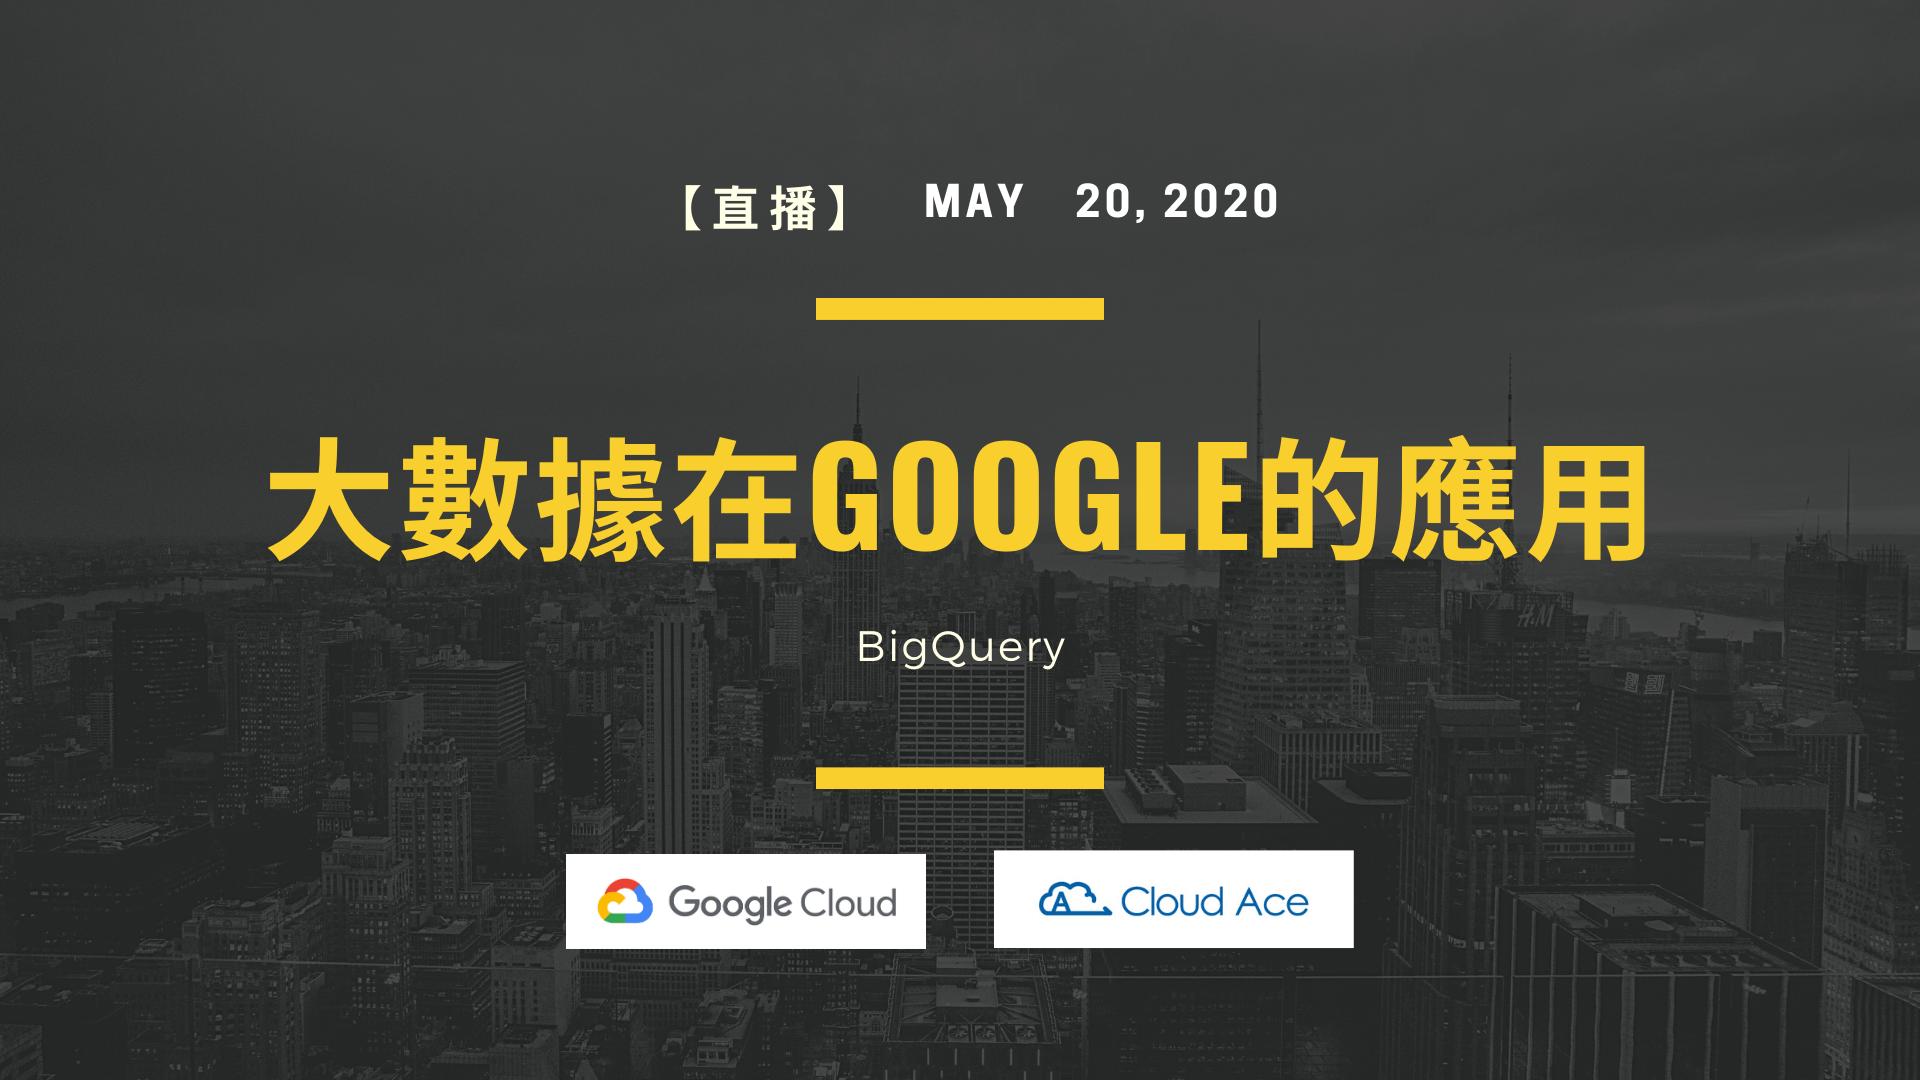 5/20 大數據在Google的應用-BigQuery | 2020 研討會